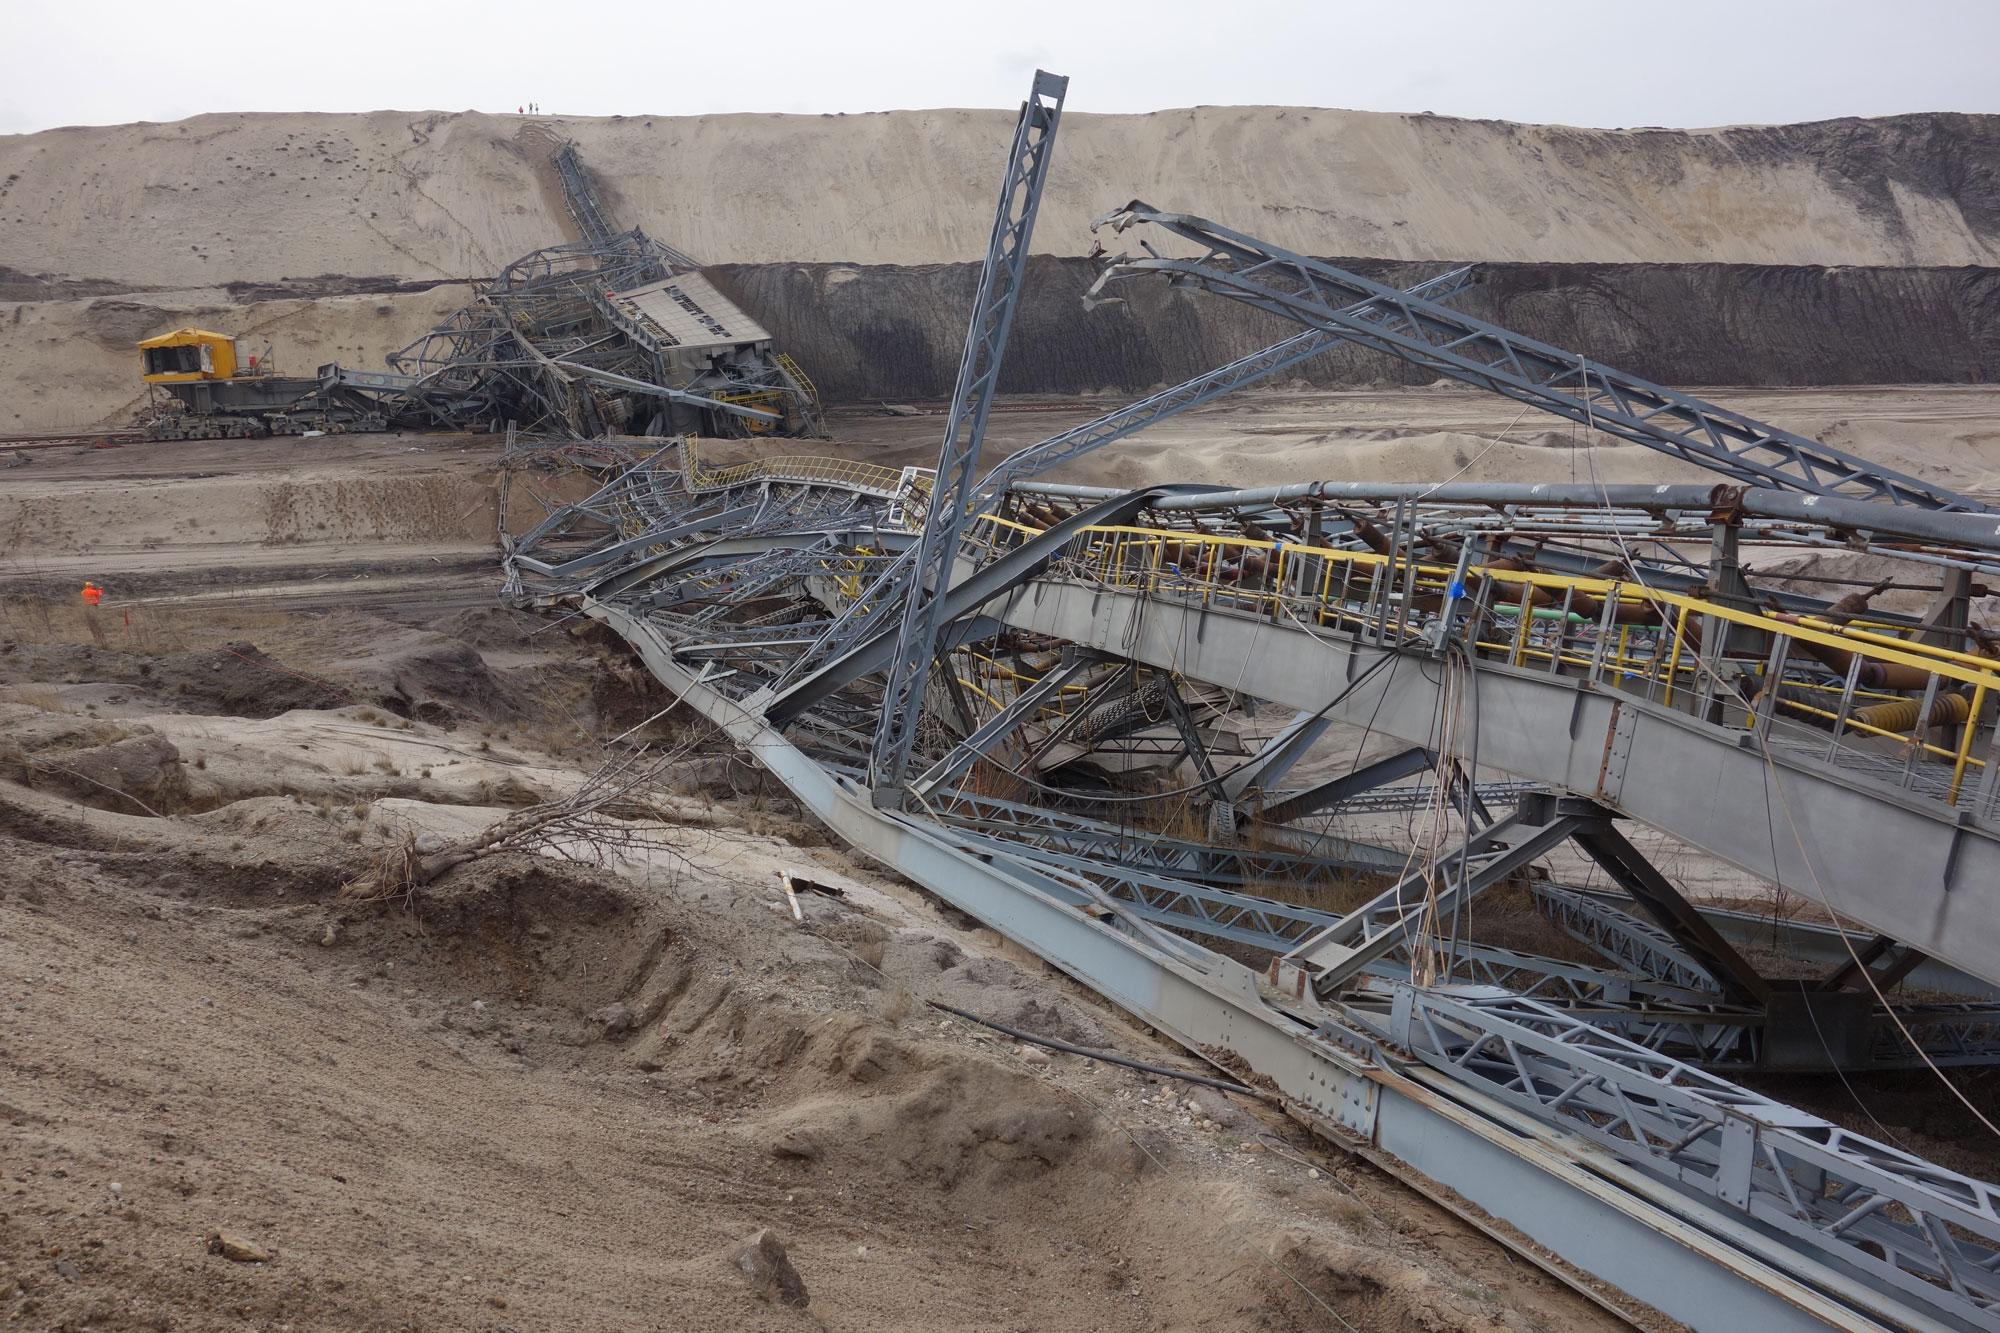 Übrig blieben mehrere hundert Tonnen Stahl, die nun im Lauf der nächsten Wochen zerkleinert werden